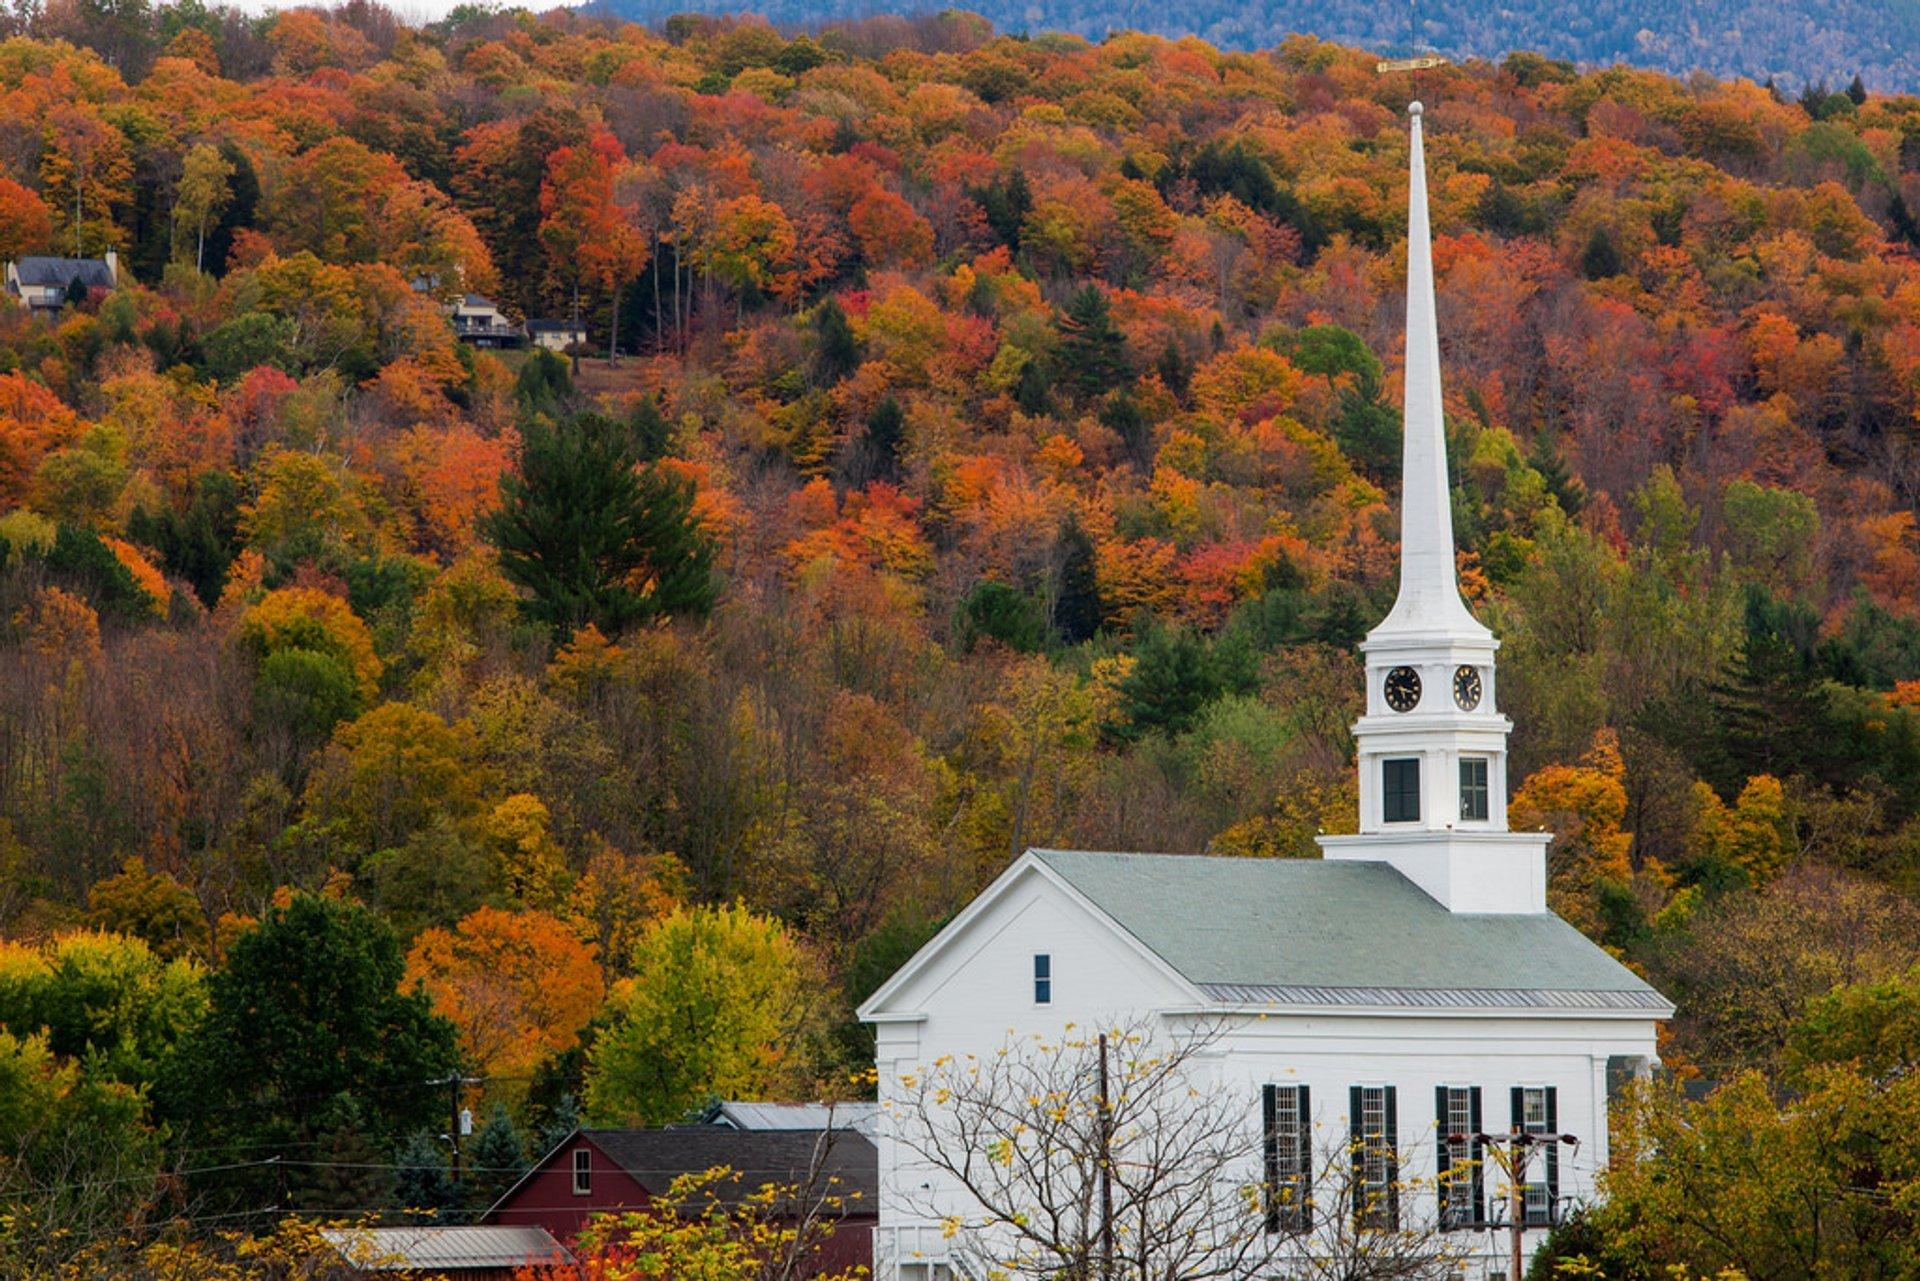 Stowe, Vermont 2020